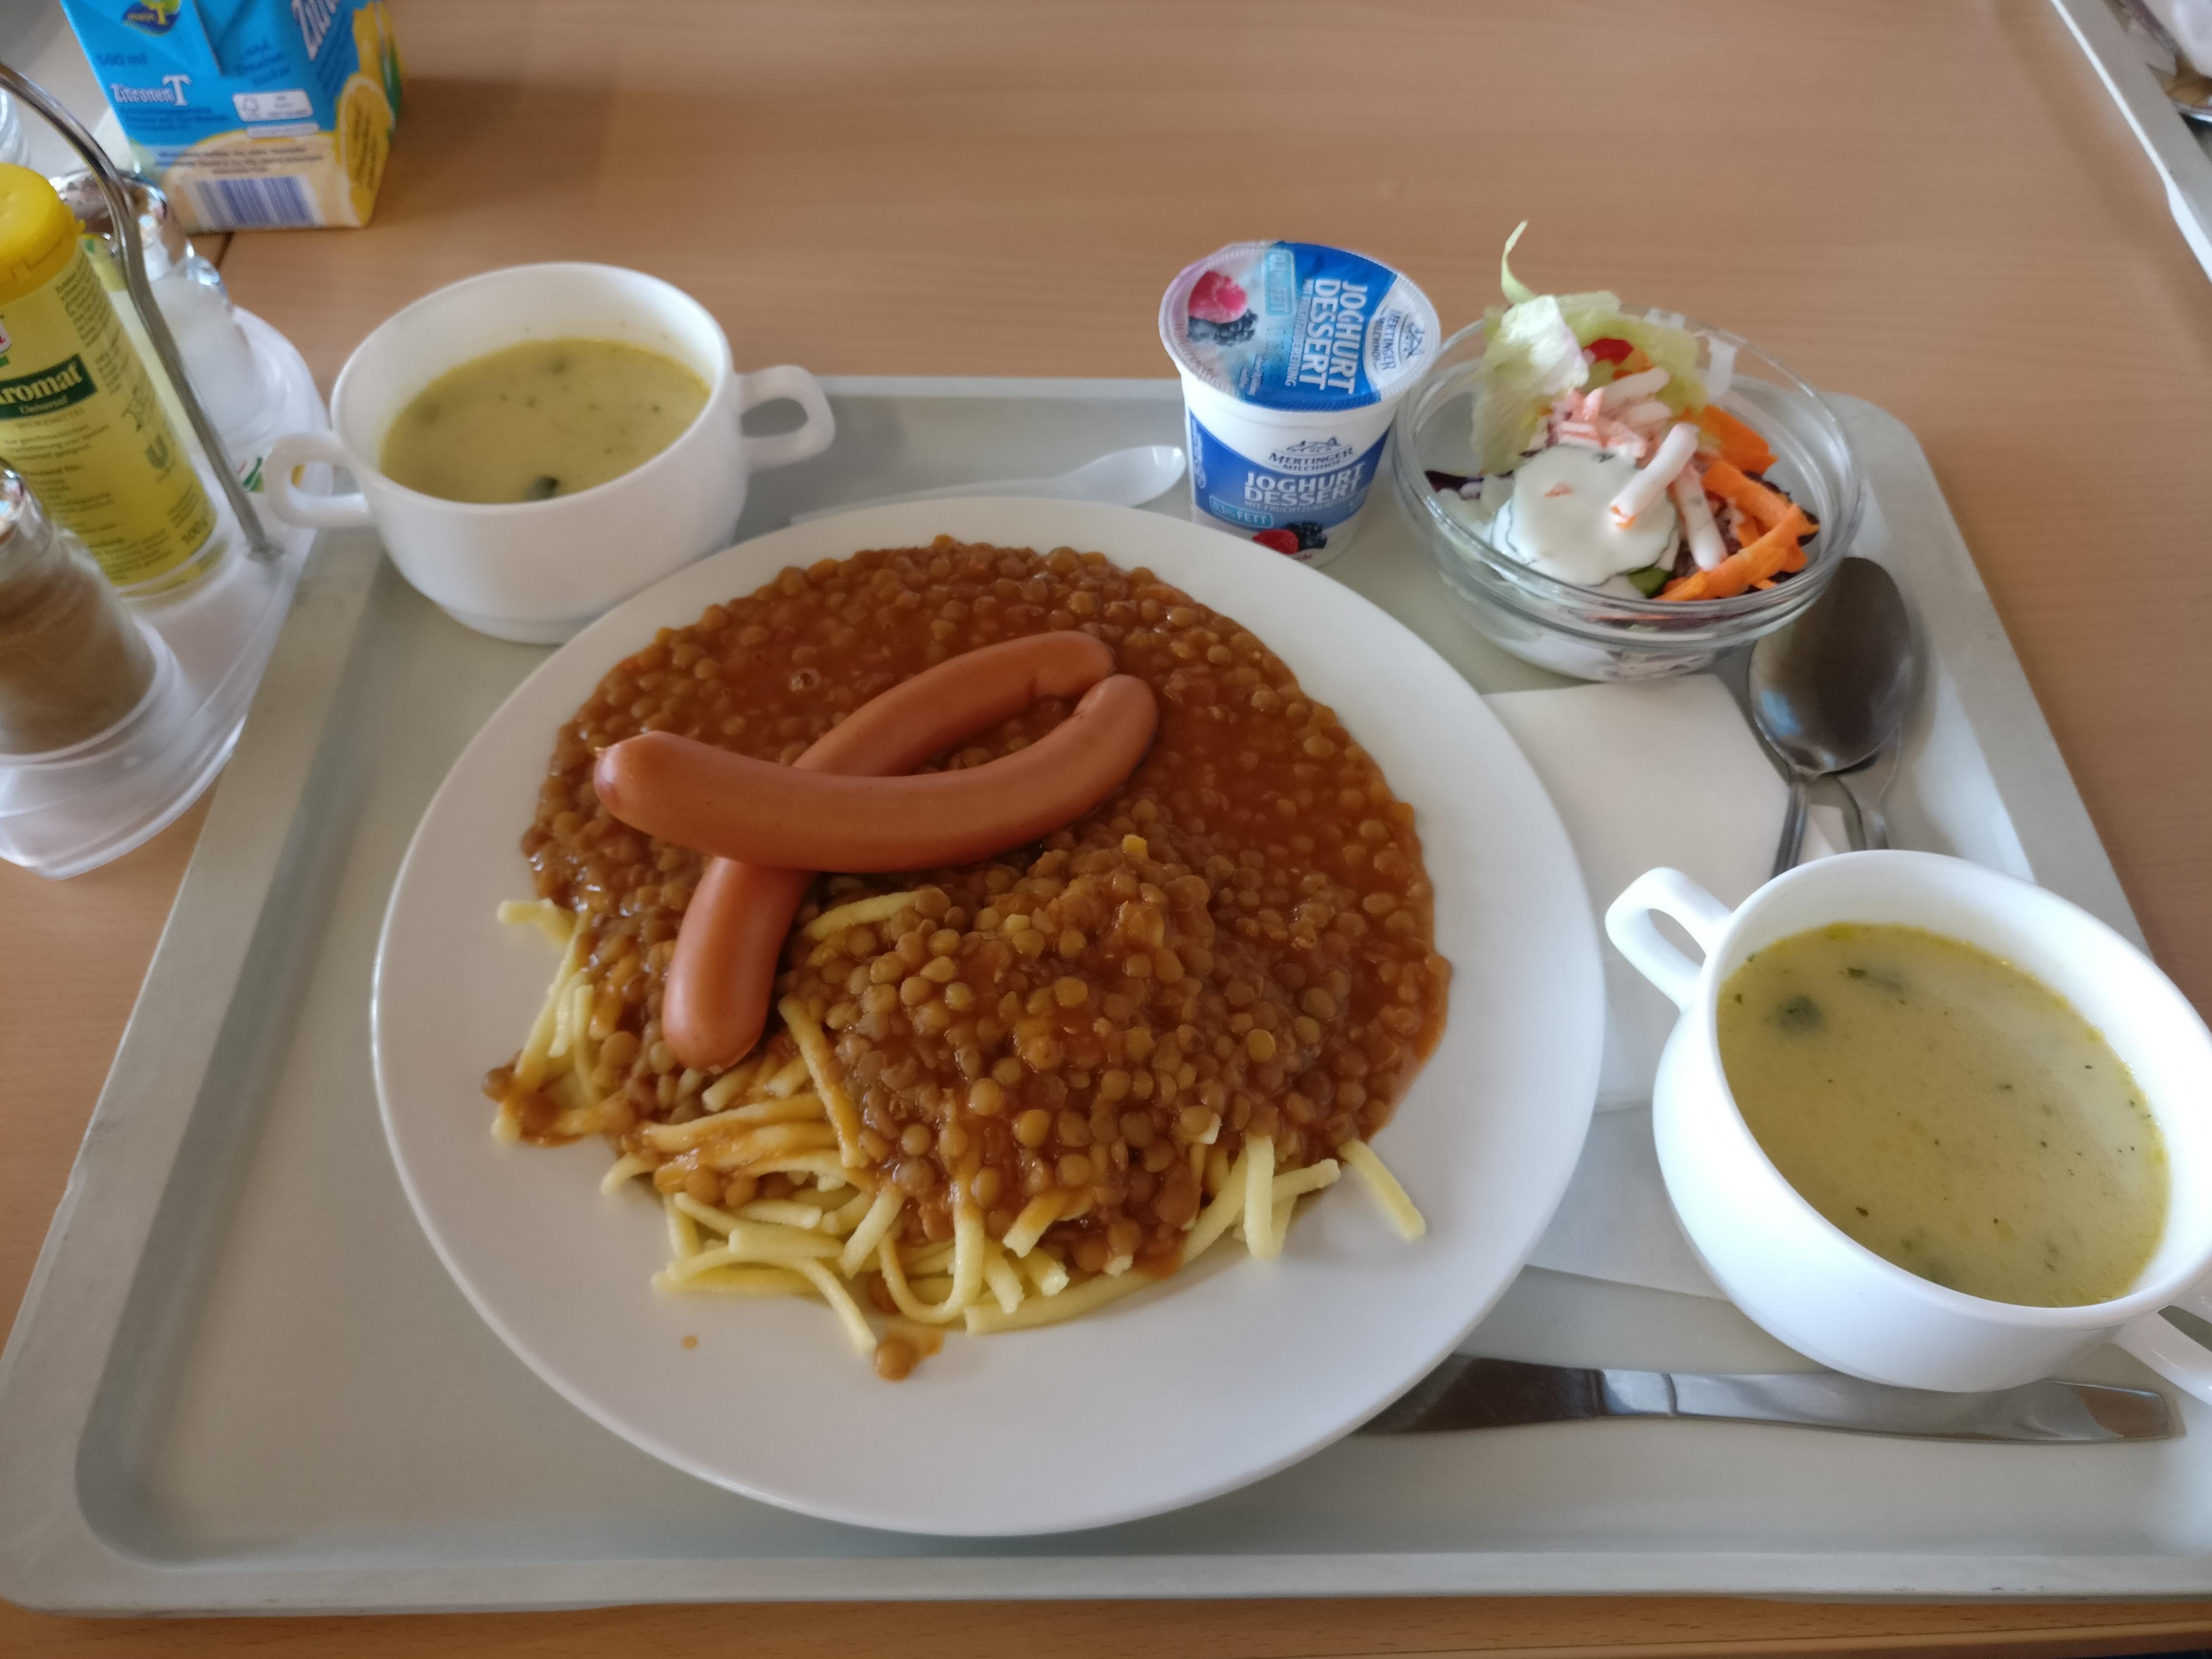 https://foodloader.net/nico_2017-07-04_linsen-mit-spaetzle-und-saitenwuerstchen-suppen-salat-nachtisch.jpg